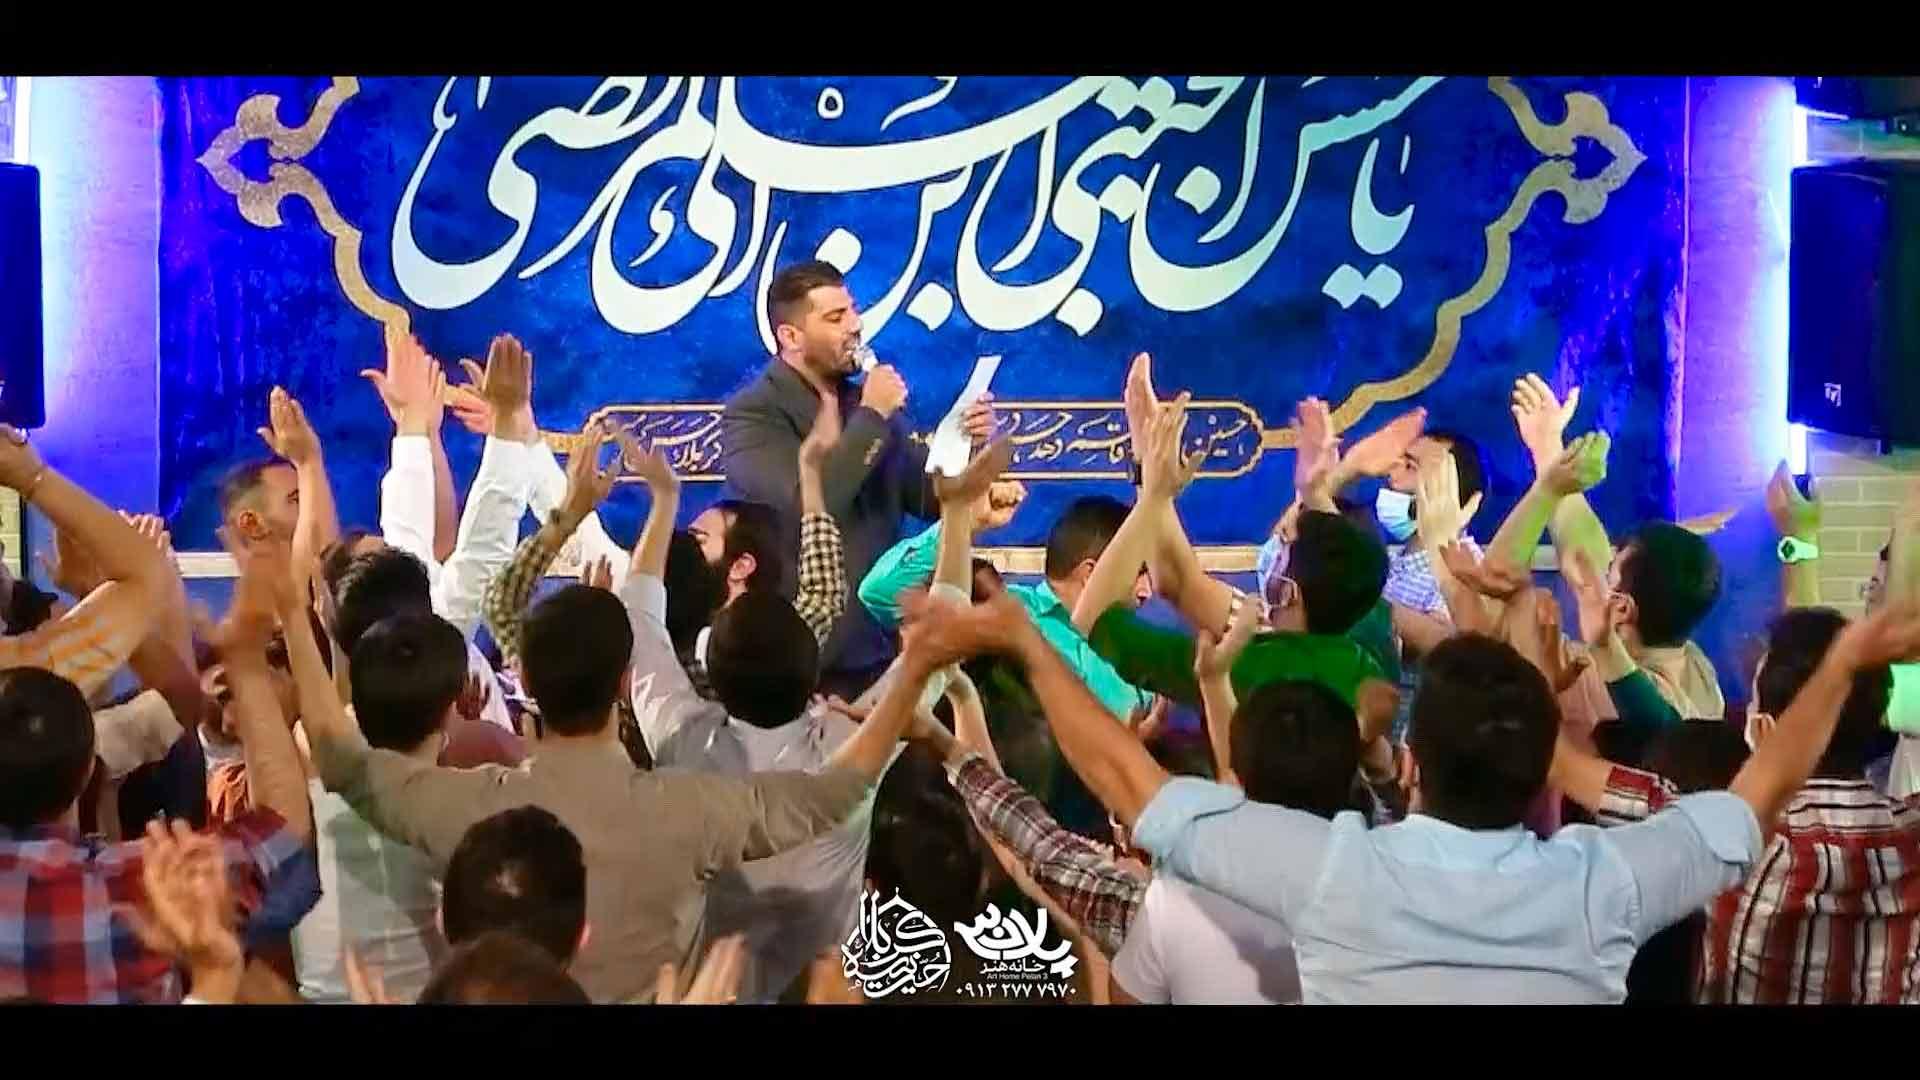 بارون محبت روح الله بهمنی